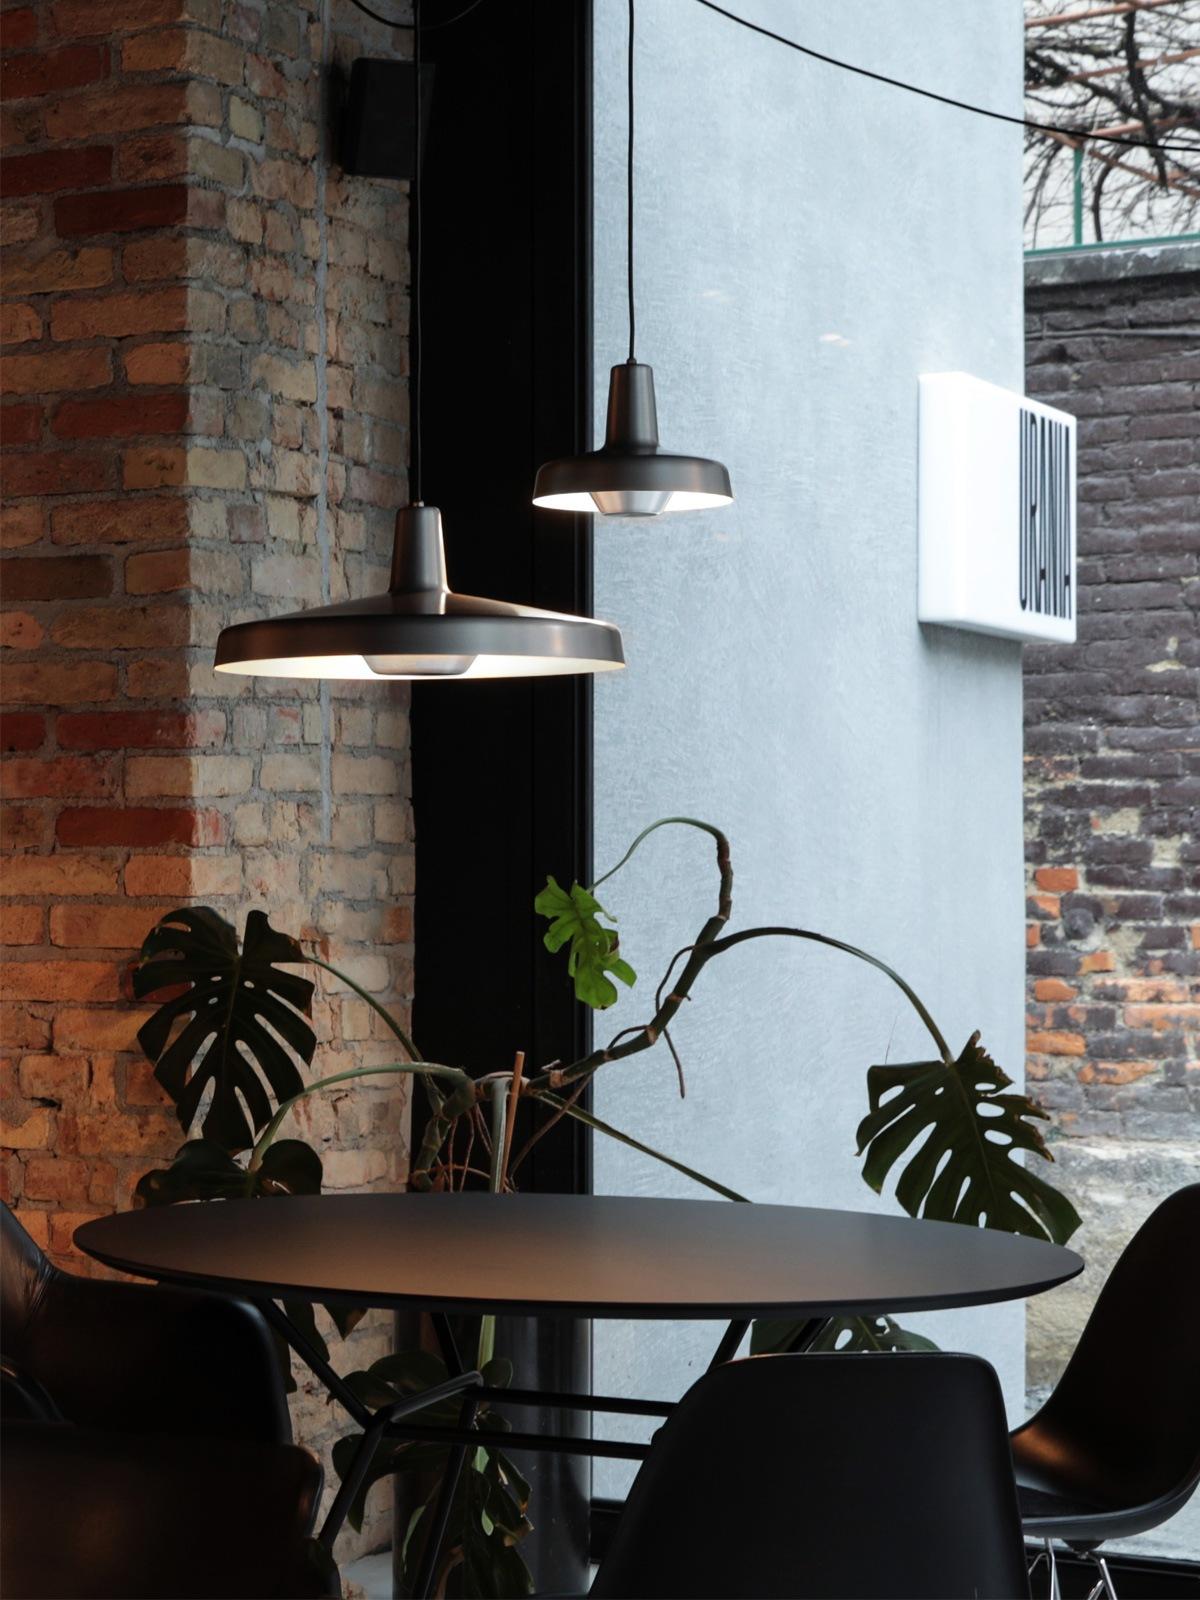 Arigato Pendelleuchten Grupa Products Designort Licht Leuchten Lampen Berlin